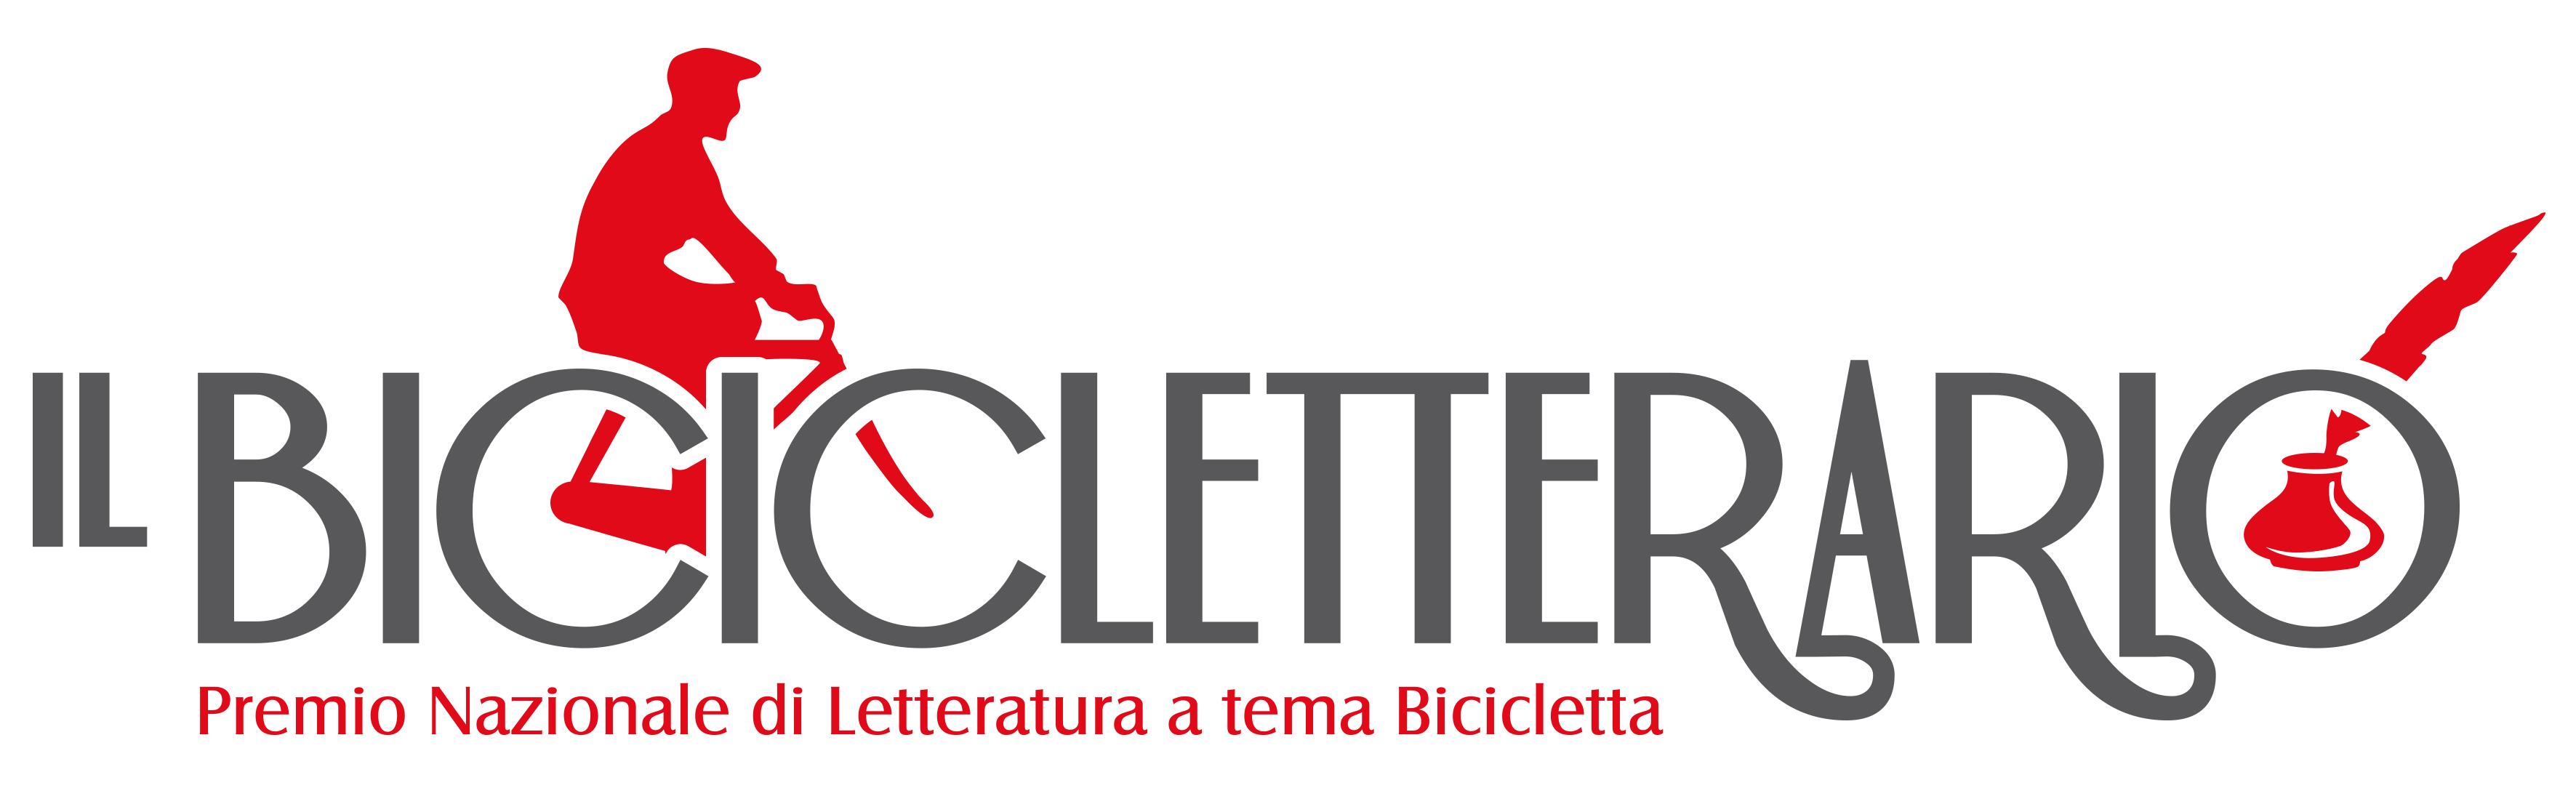 Il Bicicletterario - class=